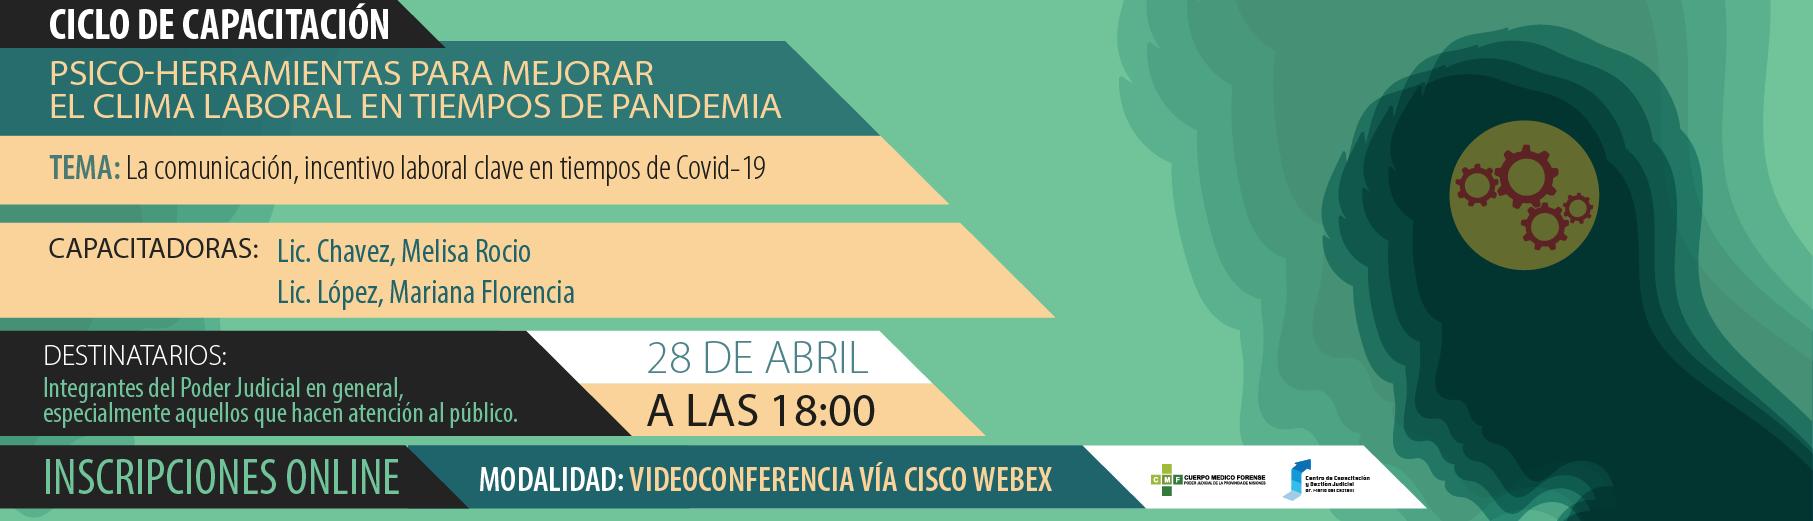 Ciclo de charlas: Psico-Herramientas para mejorar el Clima Laboral en Tiempos de Pandemia